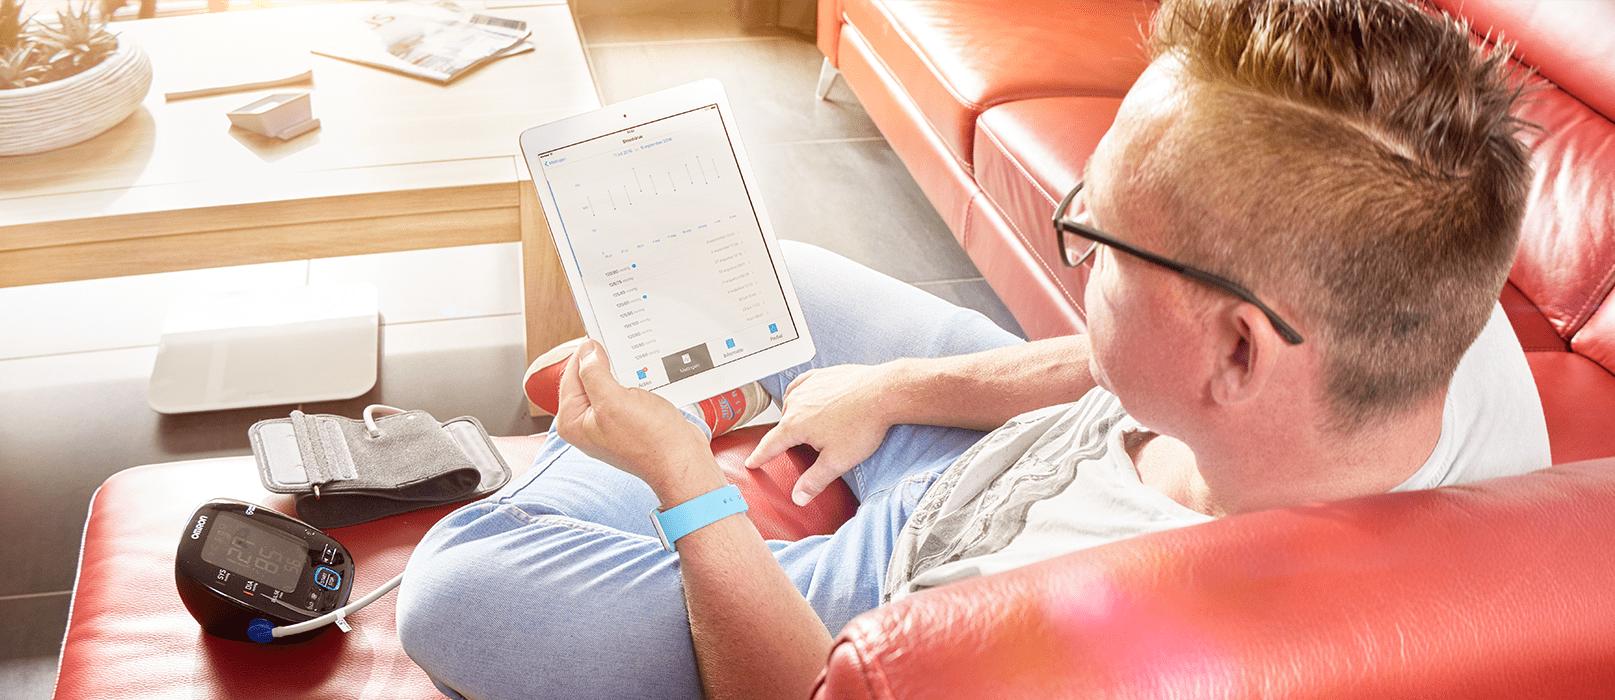 Mäta blodtrycket med cVitals app